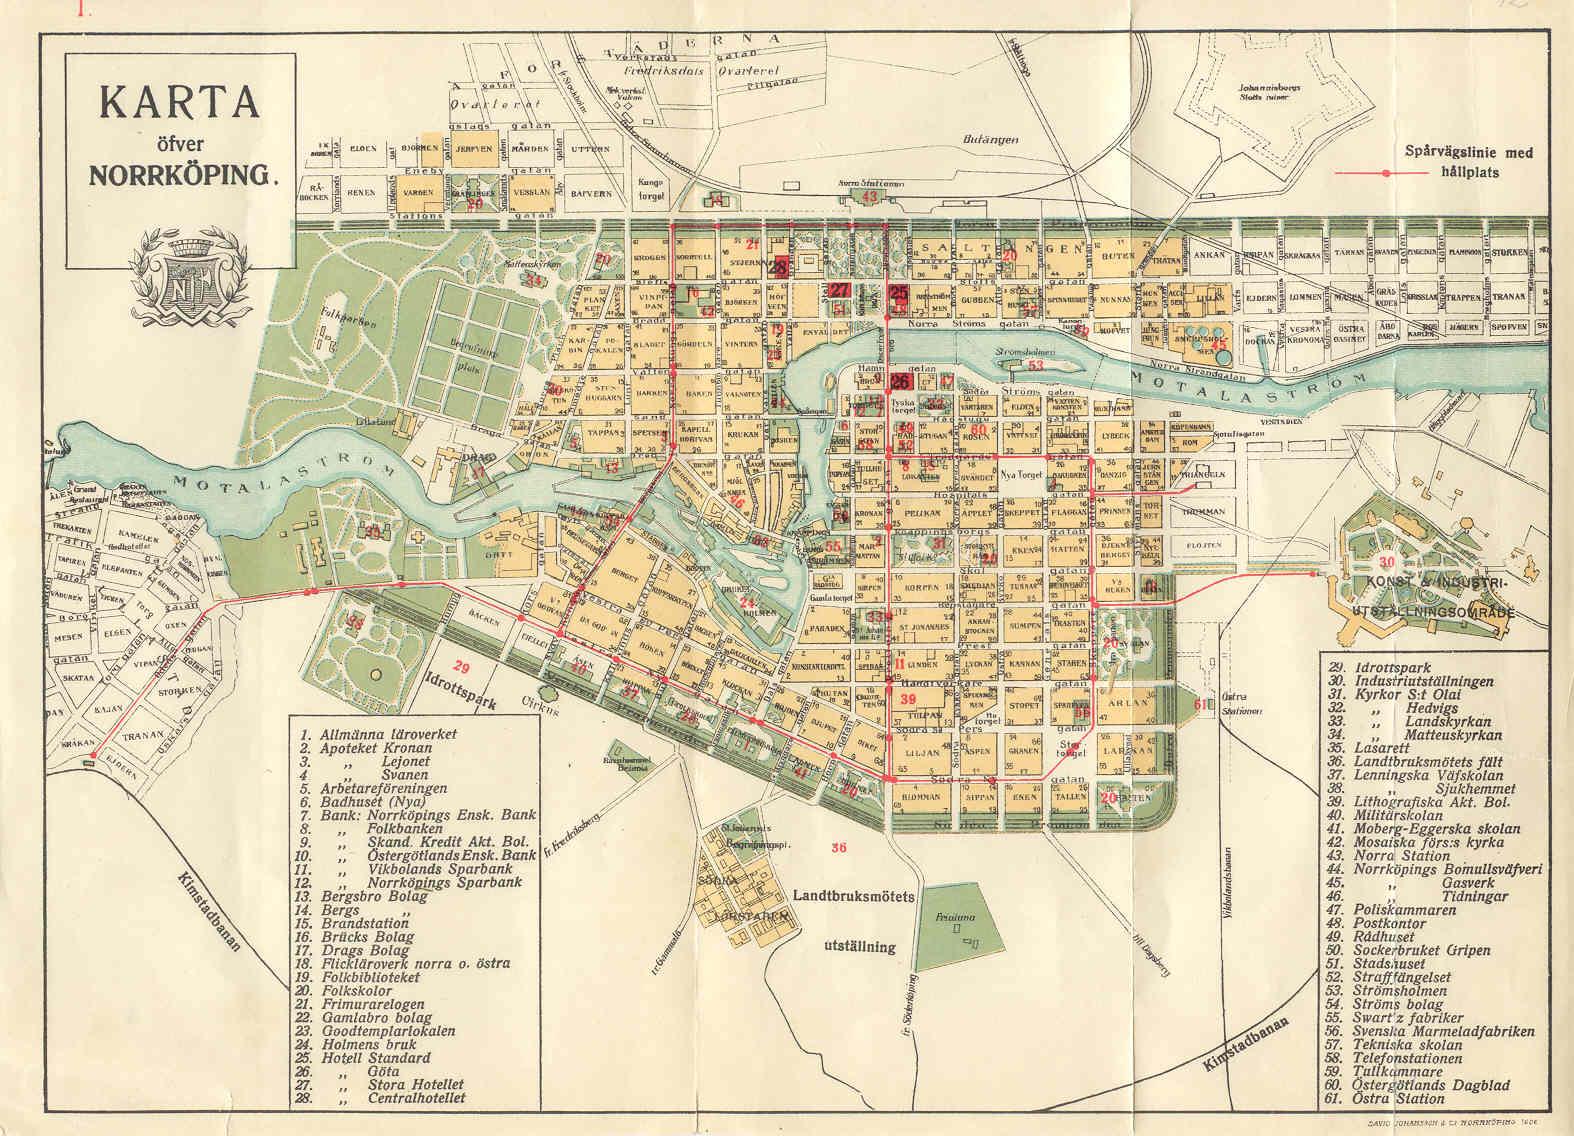 Karta över spårvägsnätet i Norrköping som byggdes ut till konst- och industriutställningen 1906.